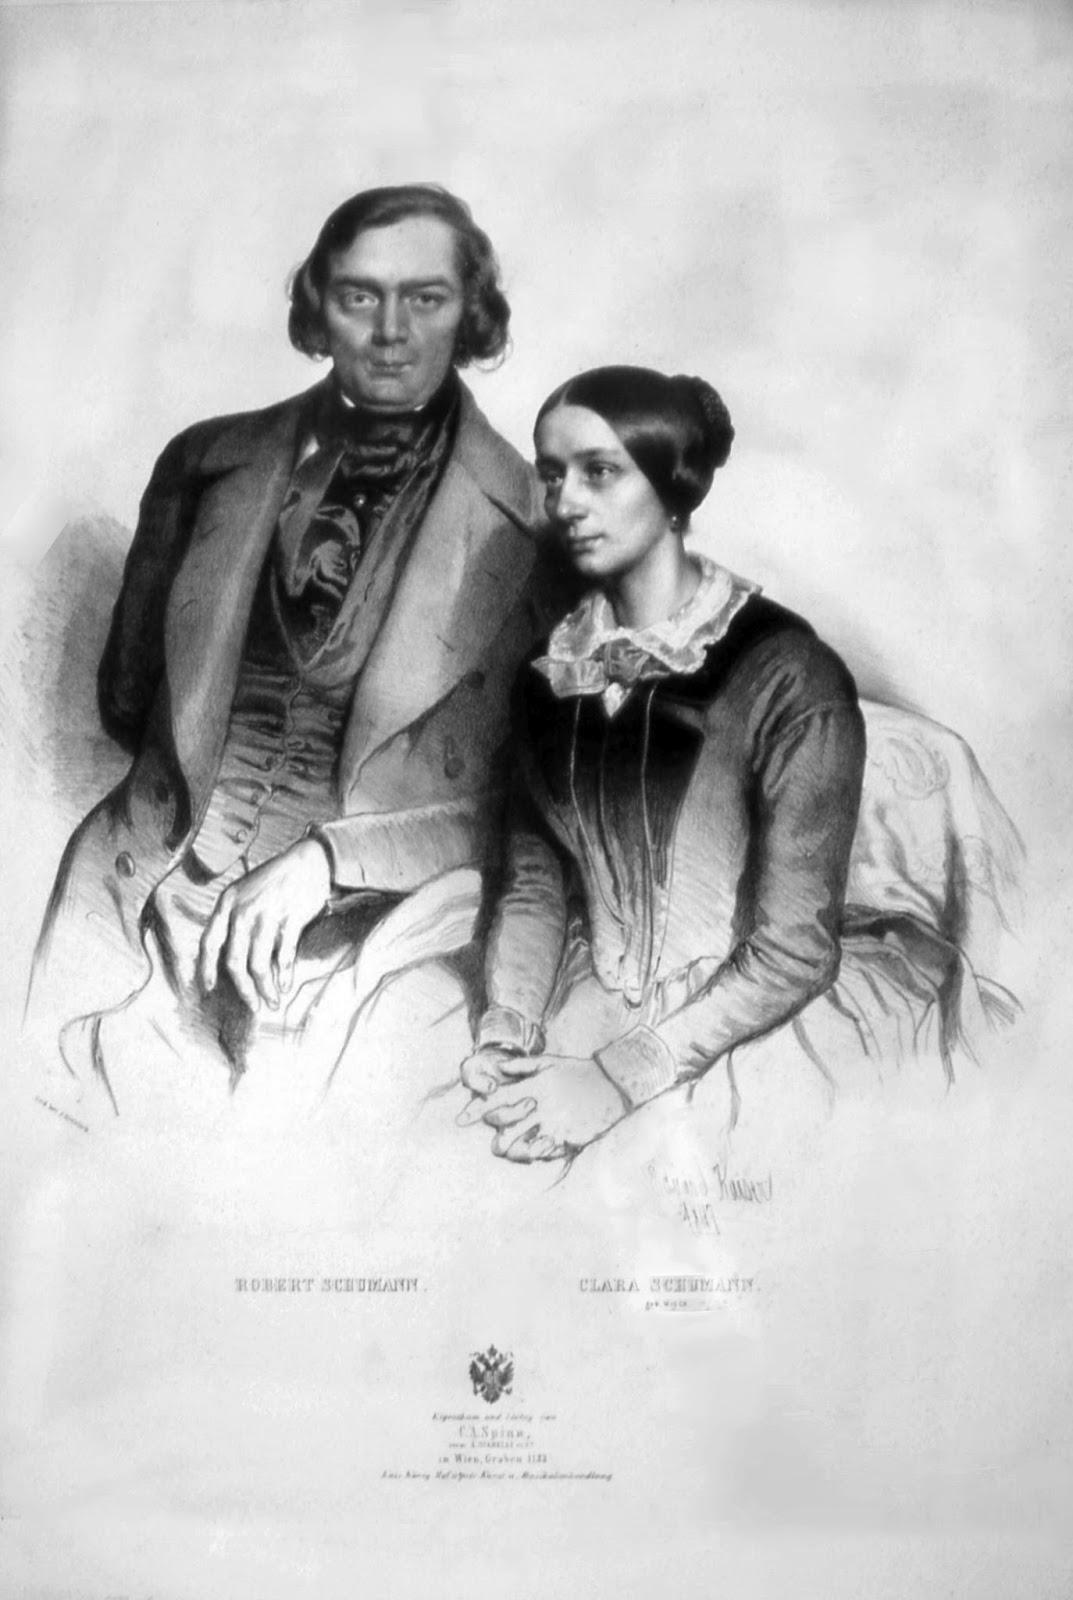 Briefe Von Clara Schumann : Historisches bonn todestag robert schumanns